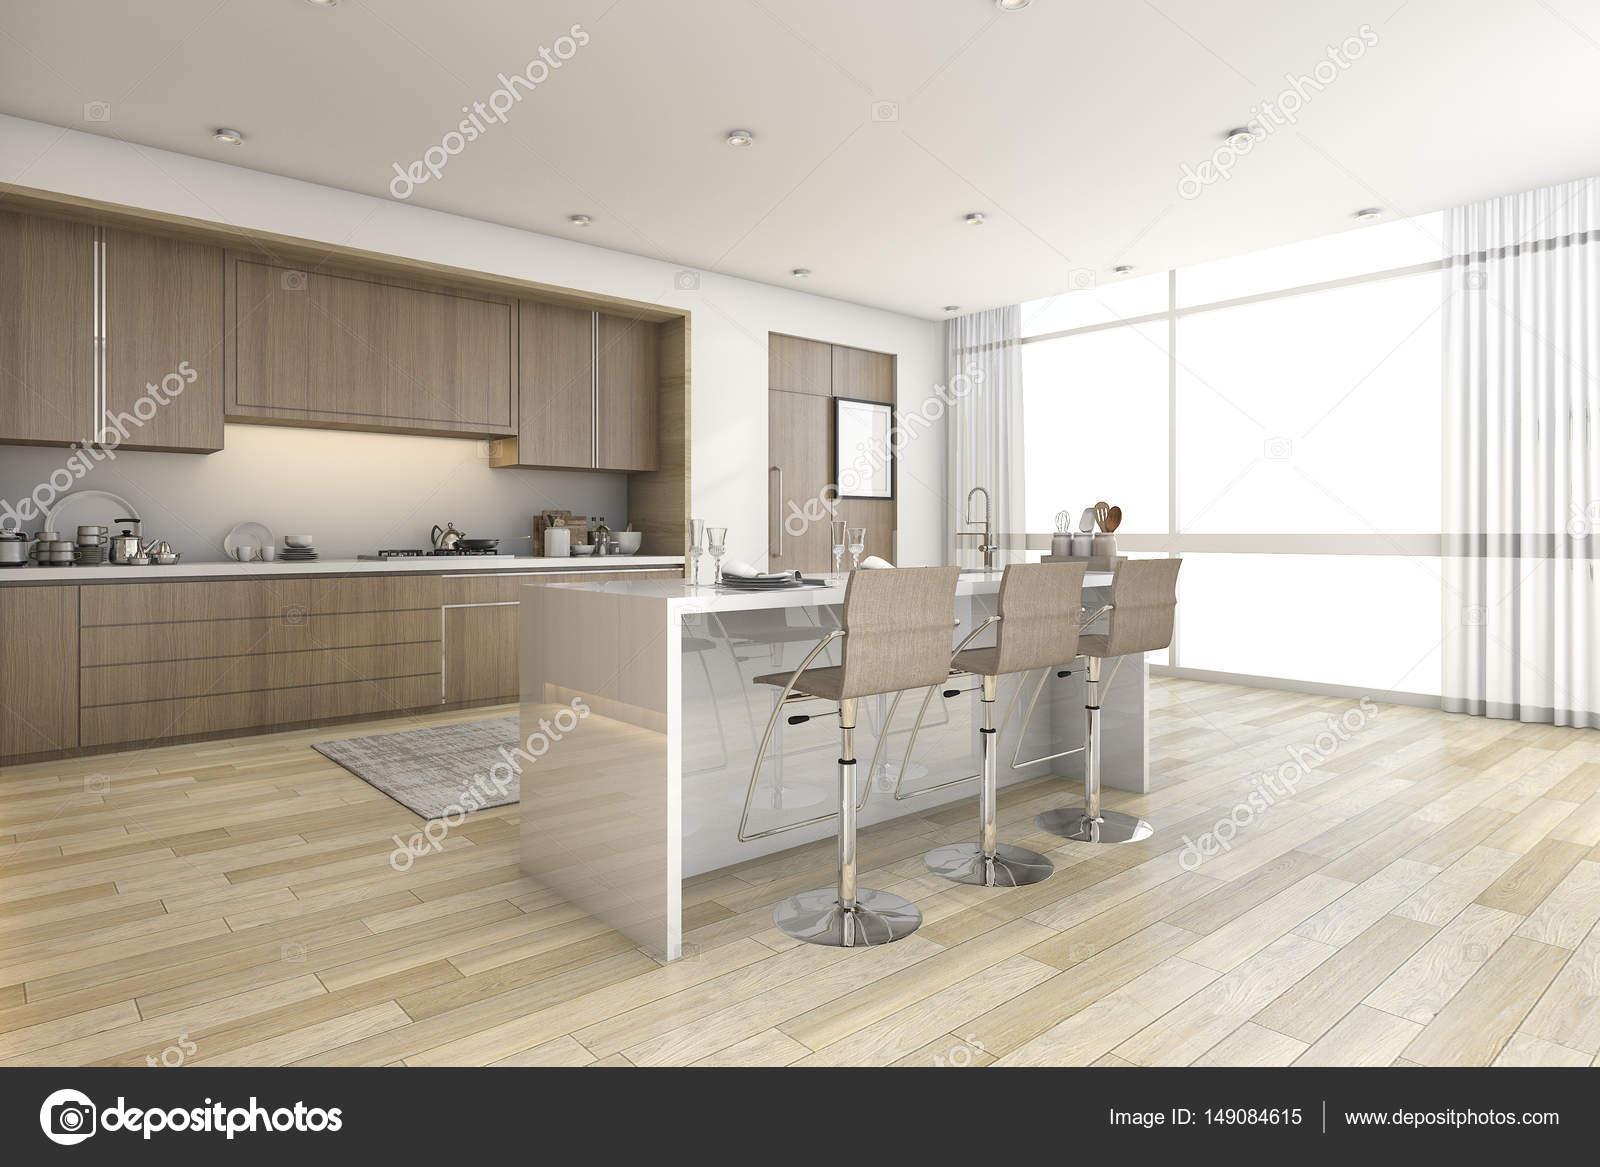 Bar In Keuken : D rendering houten bar keuken in de buurt van venster u stockfoto